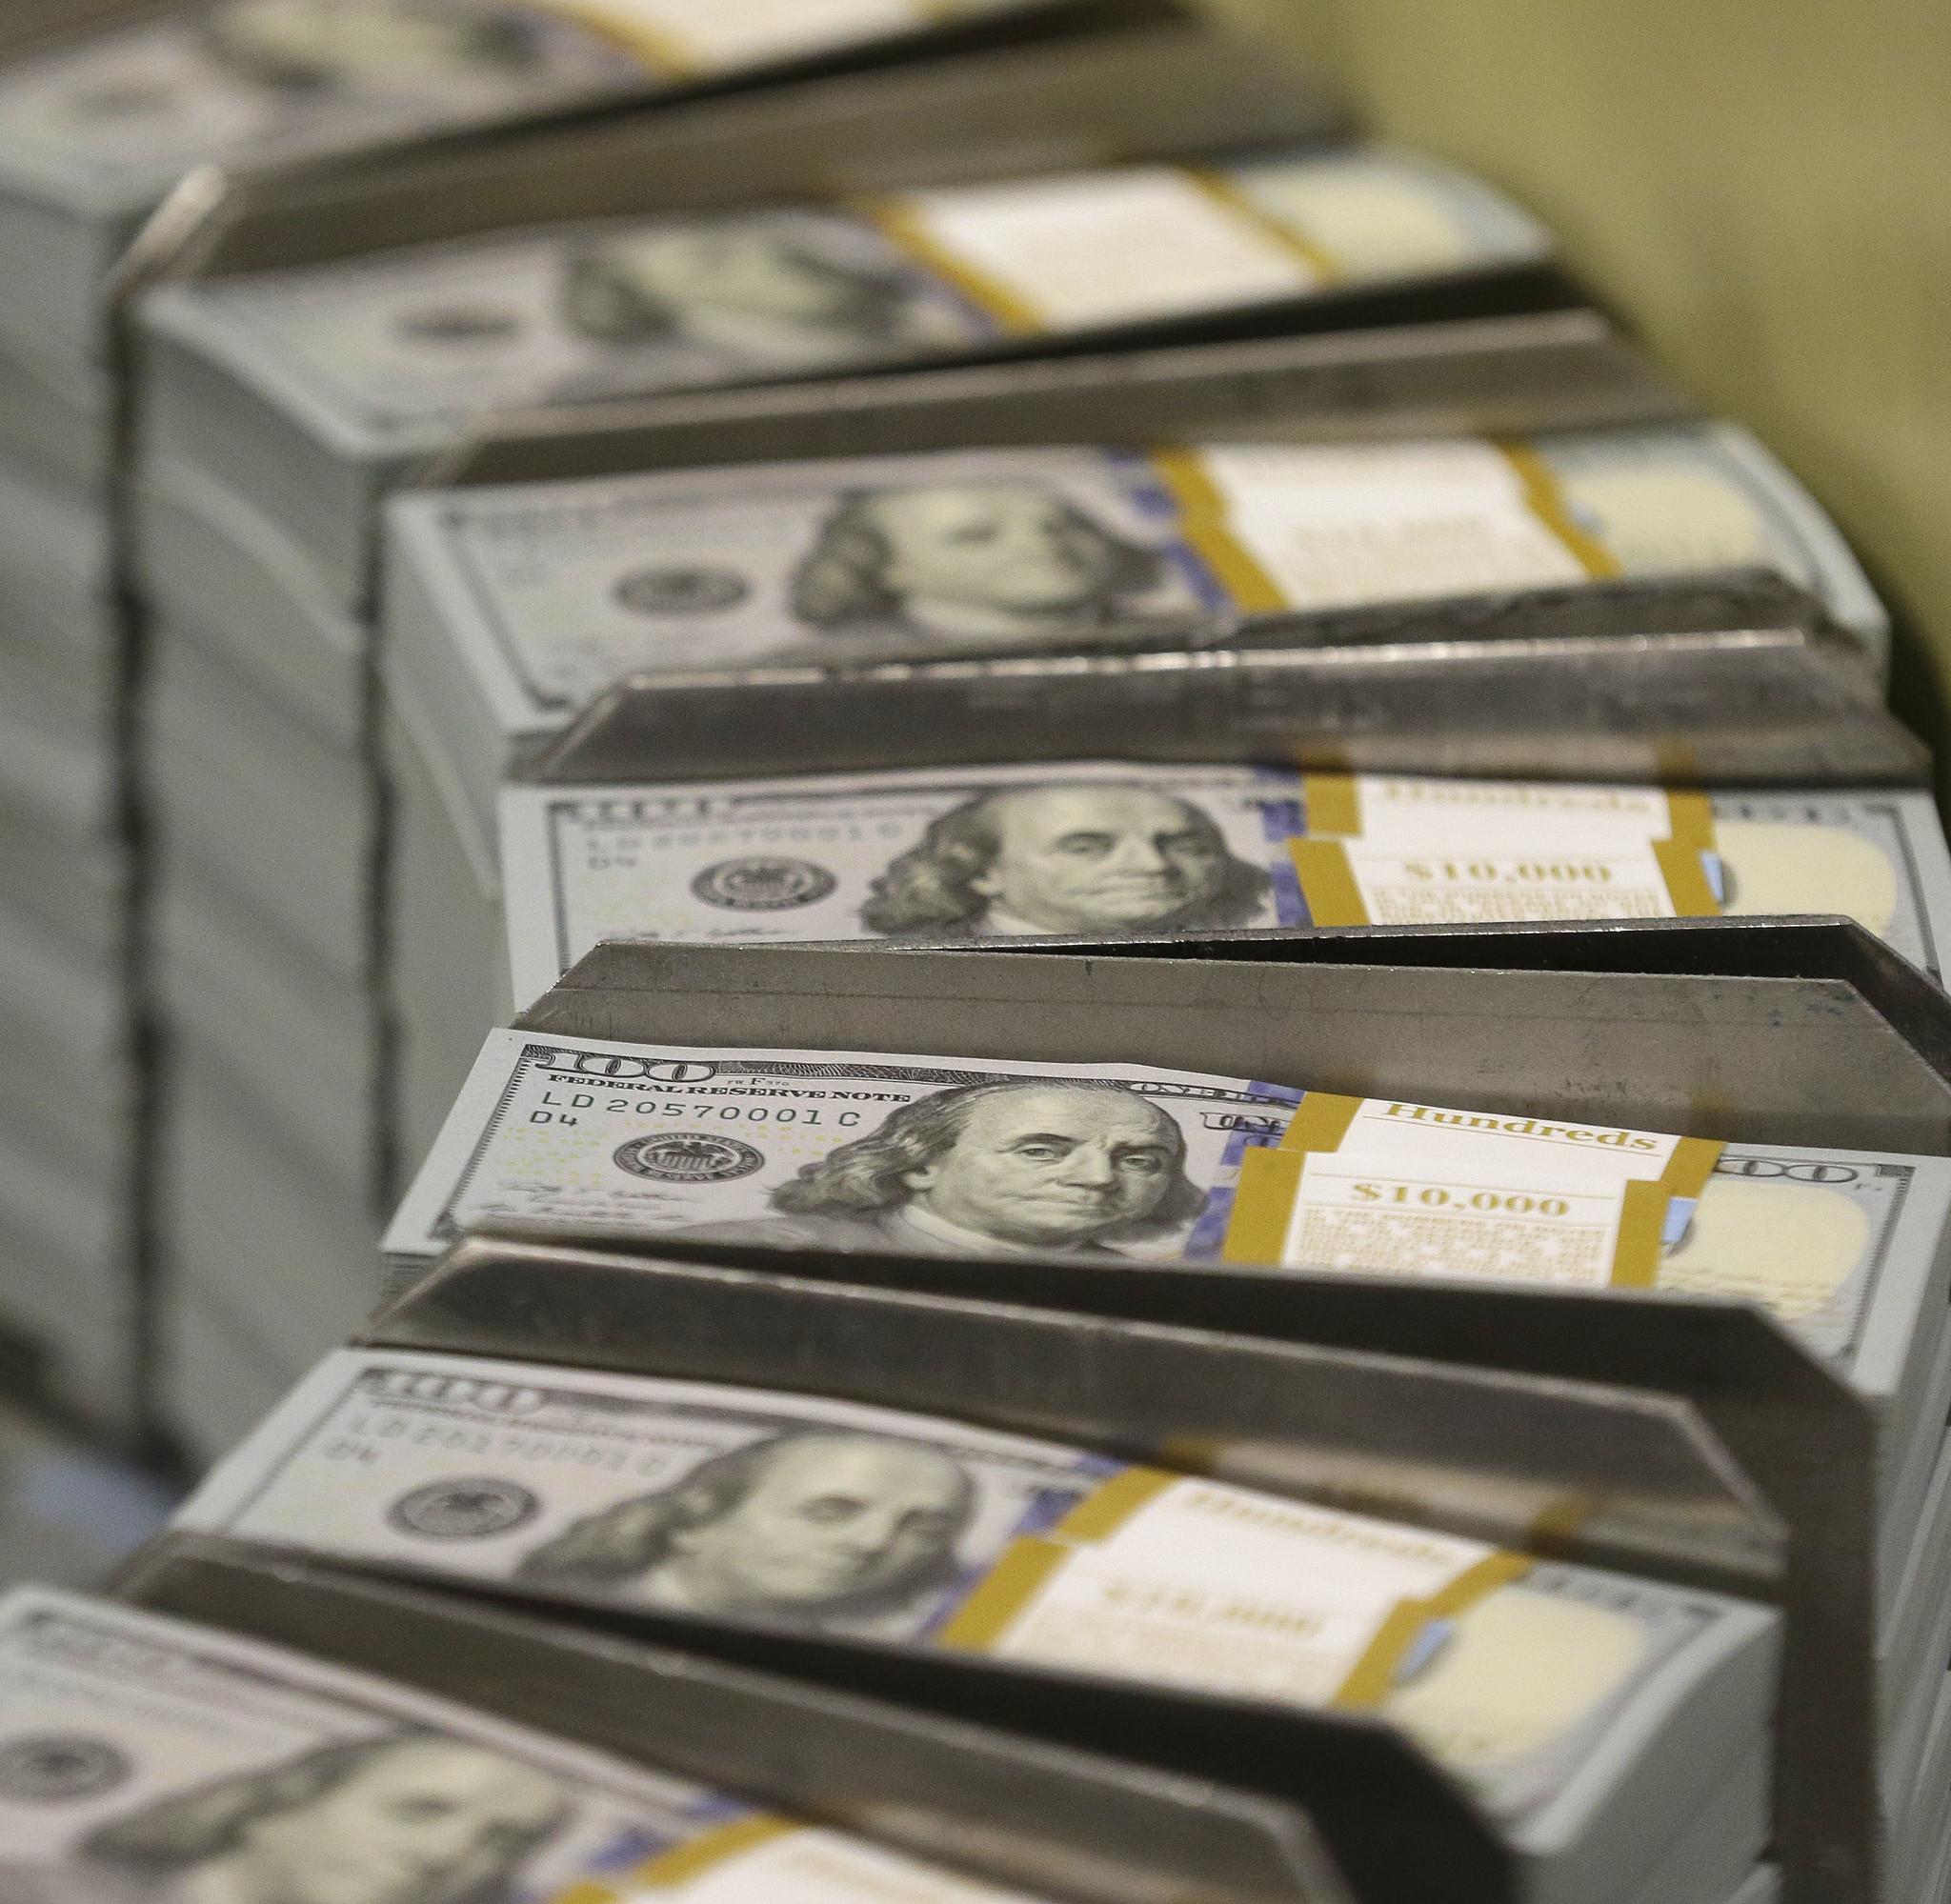 New peak for U.S. health care spending: $10,345 per person - Chicago Tribune